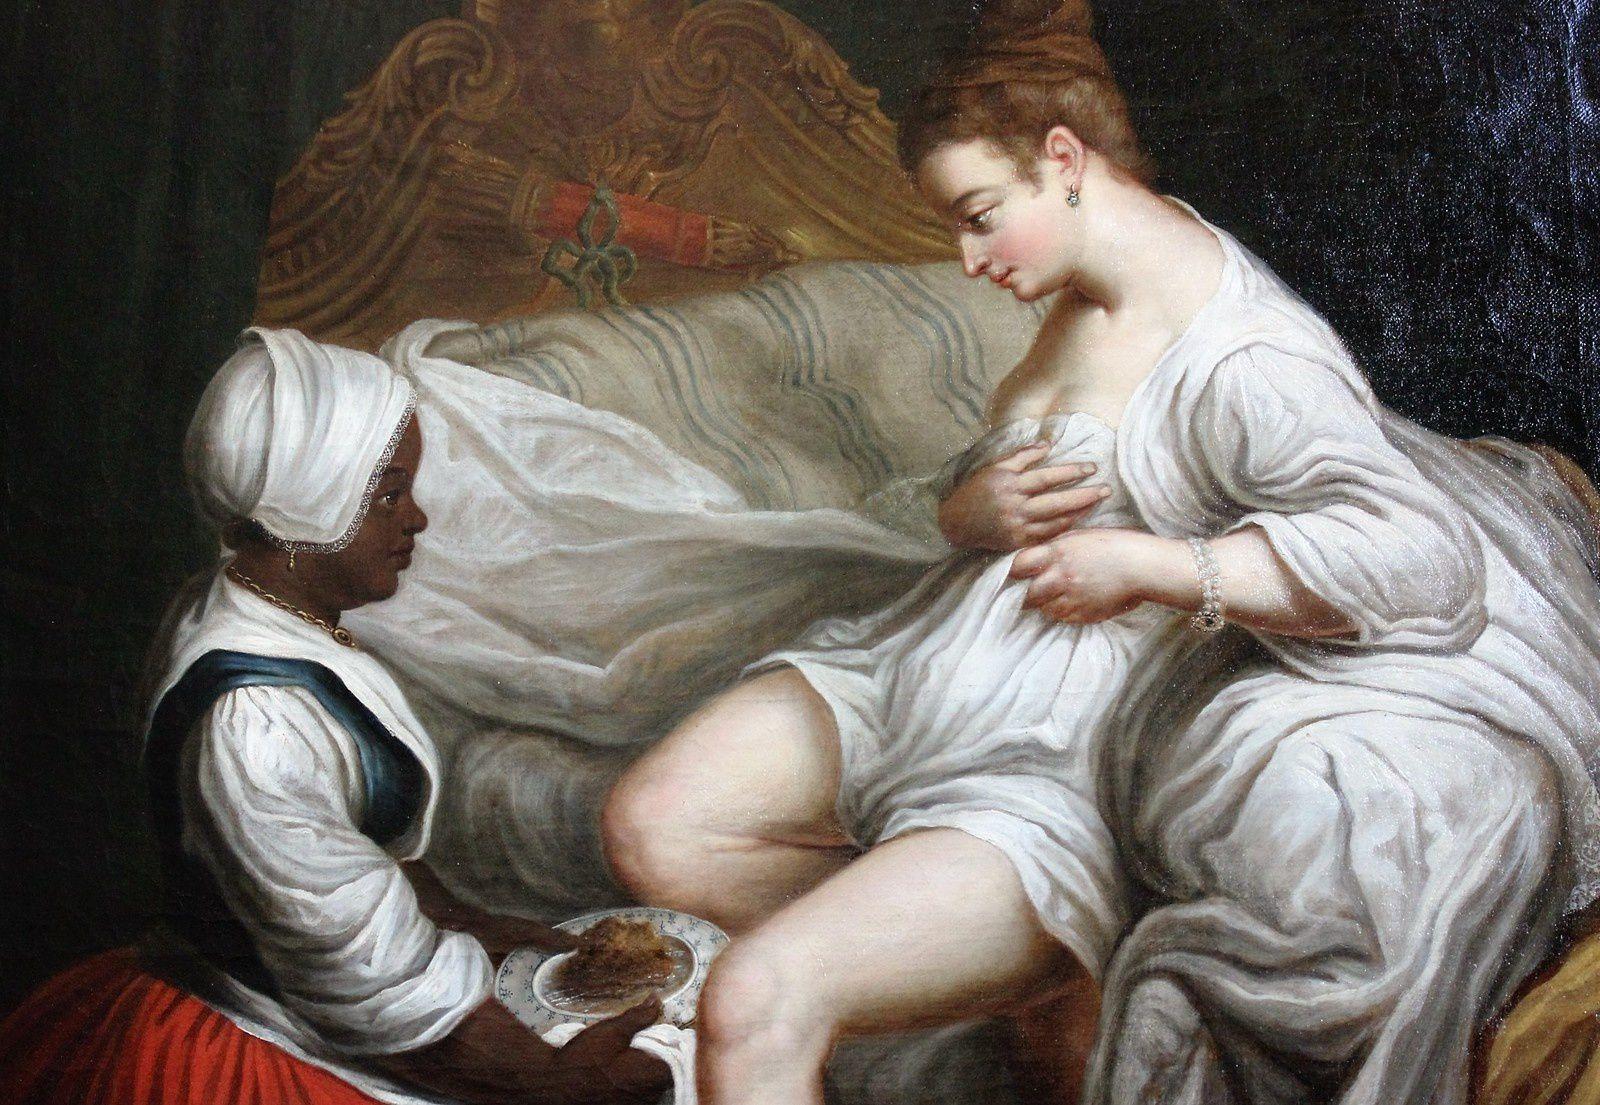 La toilette intime. Musée du Nouveau Monde. La Rochelle.